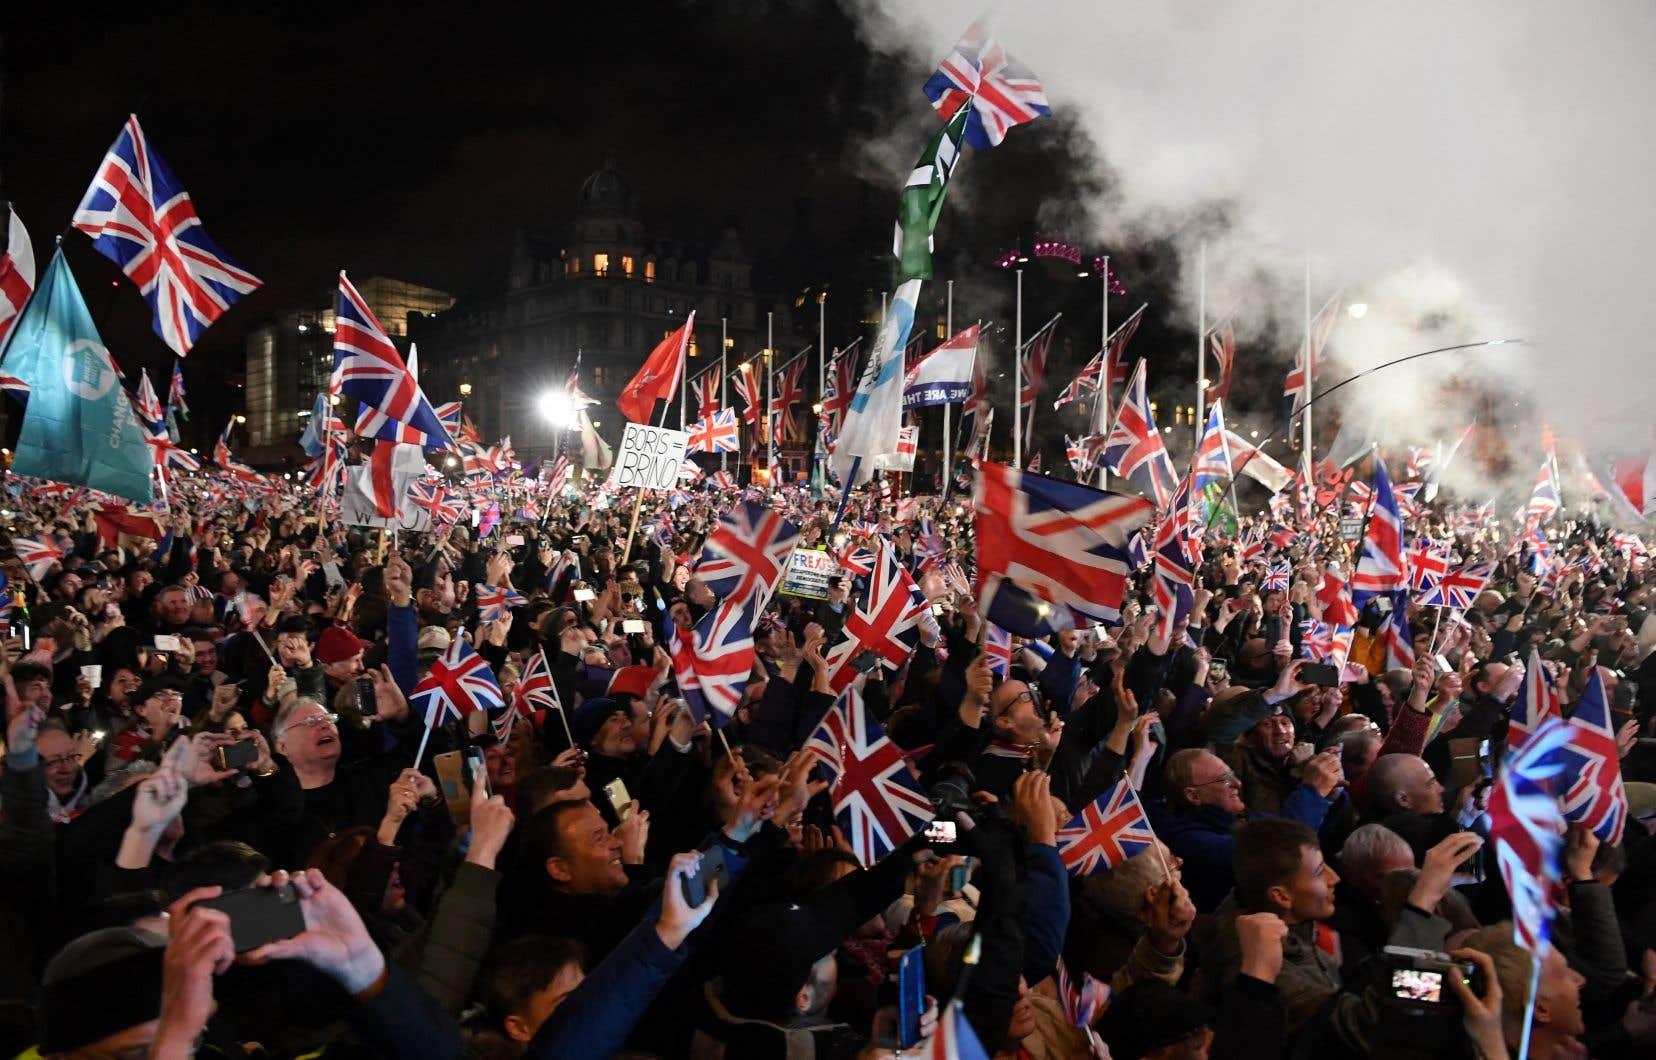 Une importante foule s'est réunie à Warrington le 13 janvier 2020 pour célébrer le moment où le divorce entre le Royaume-Uni et l'Union européenne est formellement entré en vigueur.